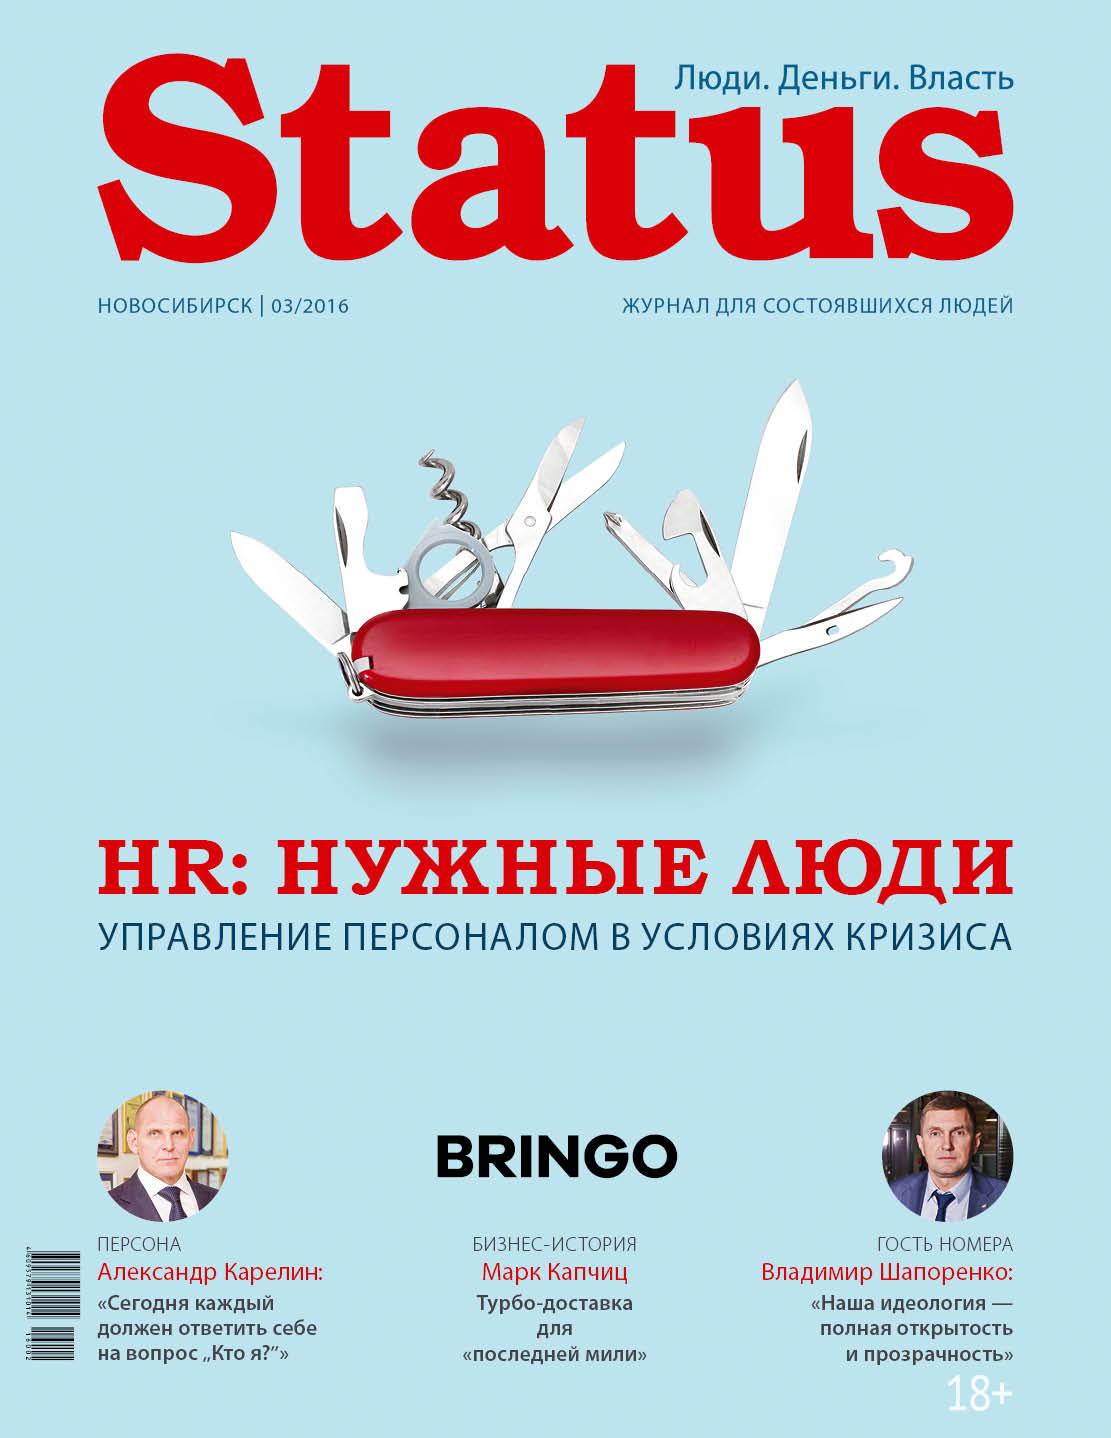 бизнес-журнал Status - новости и статьи по теме   Бизнес-портал  status-media.com  новости делового мира и финансов f40075ec3ff